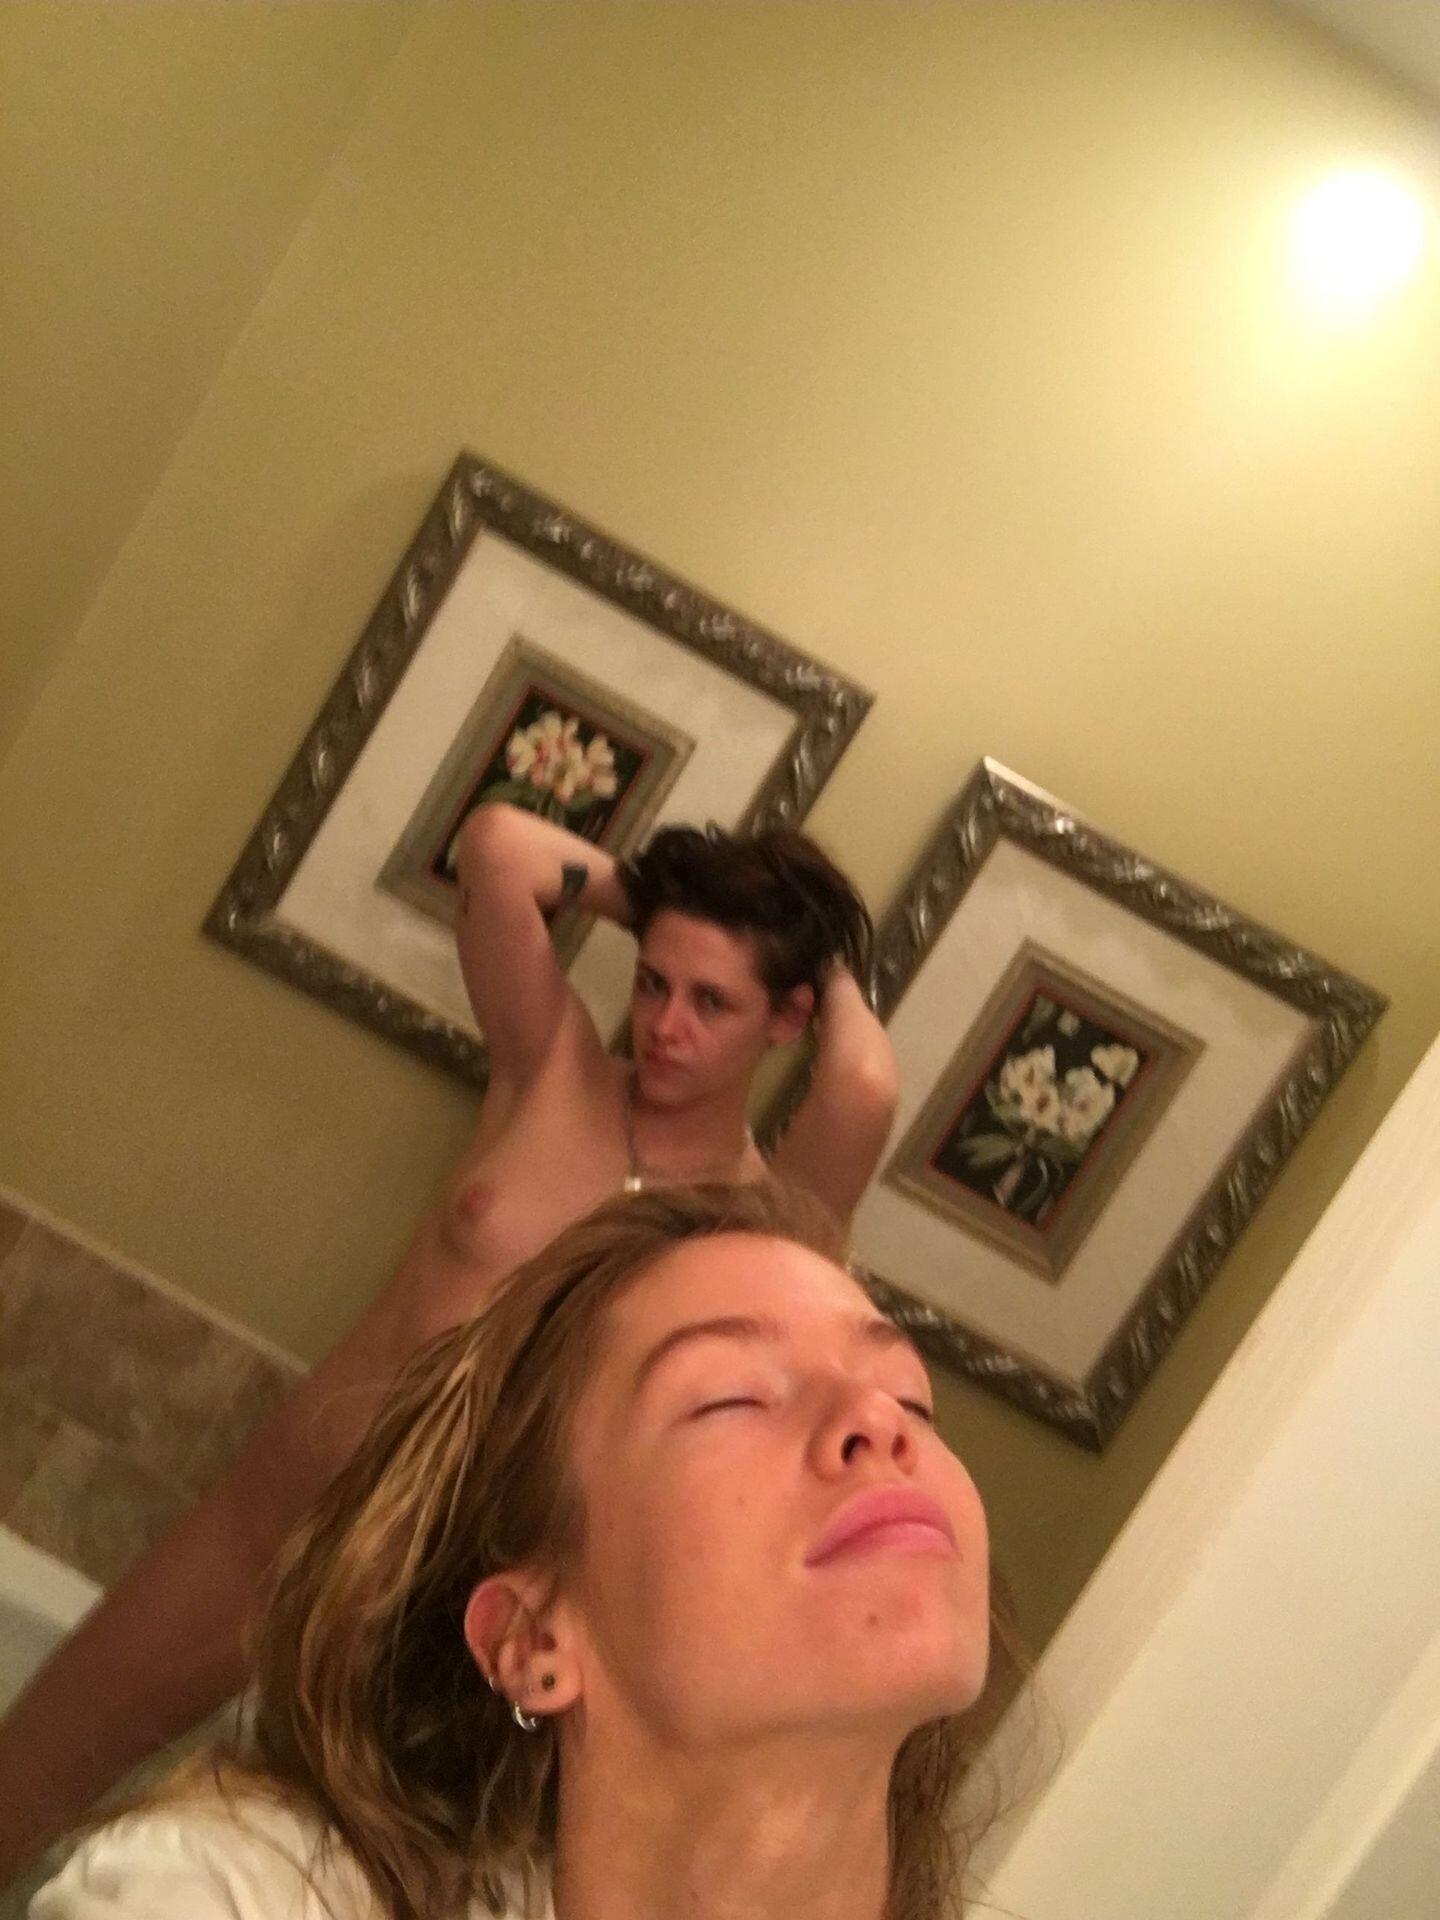 Kristen Stewart Nude Leaked 87 fappenings.com